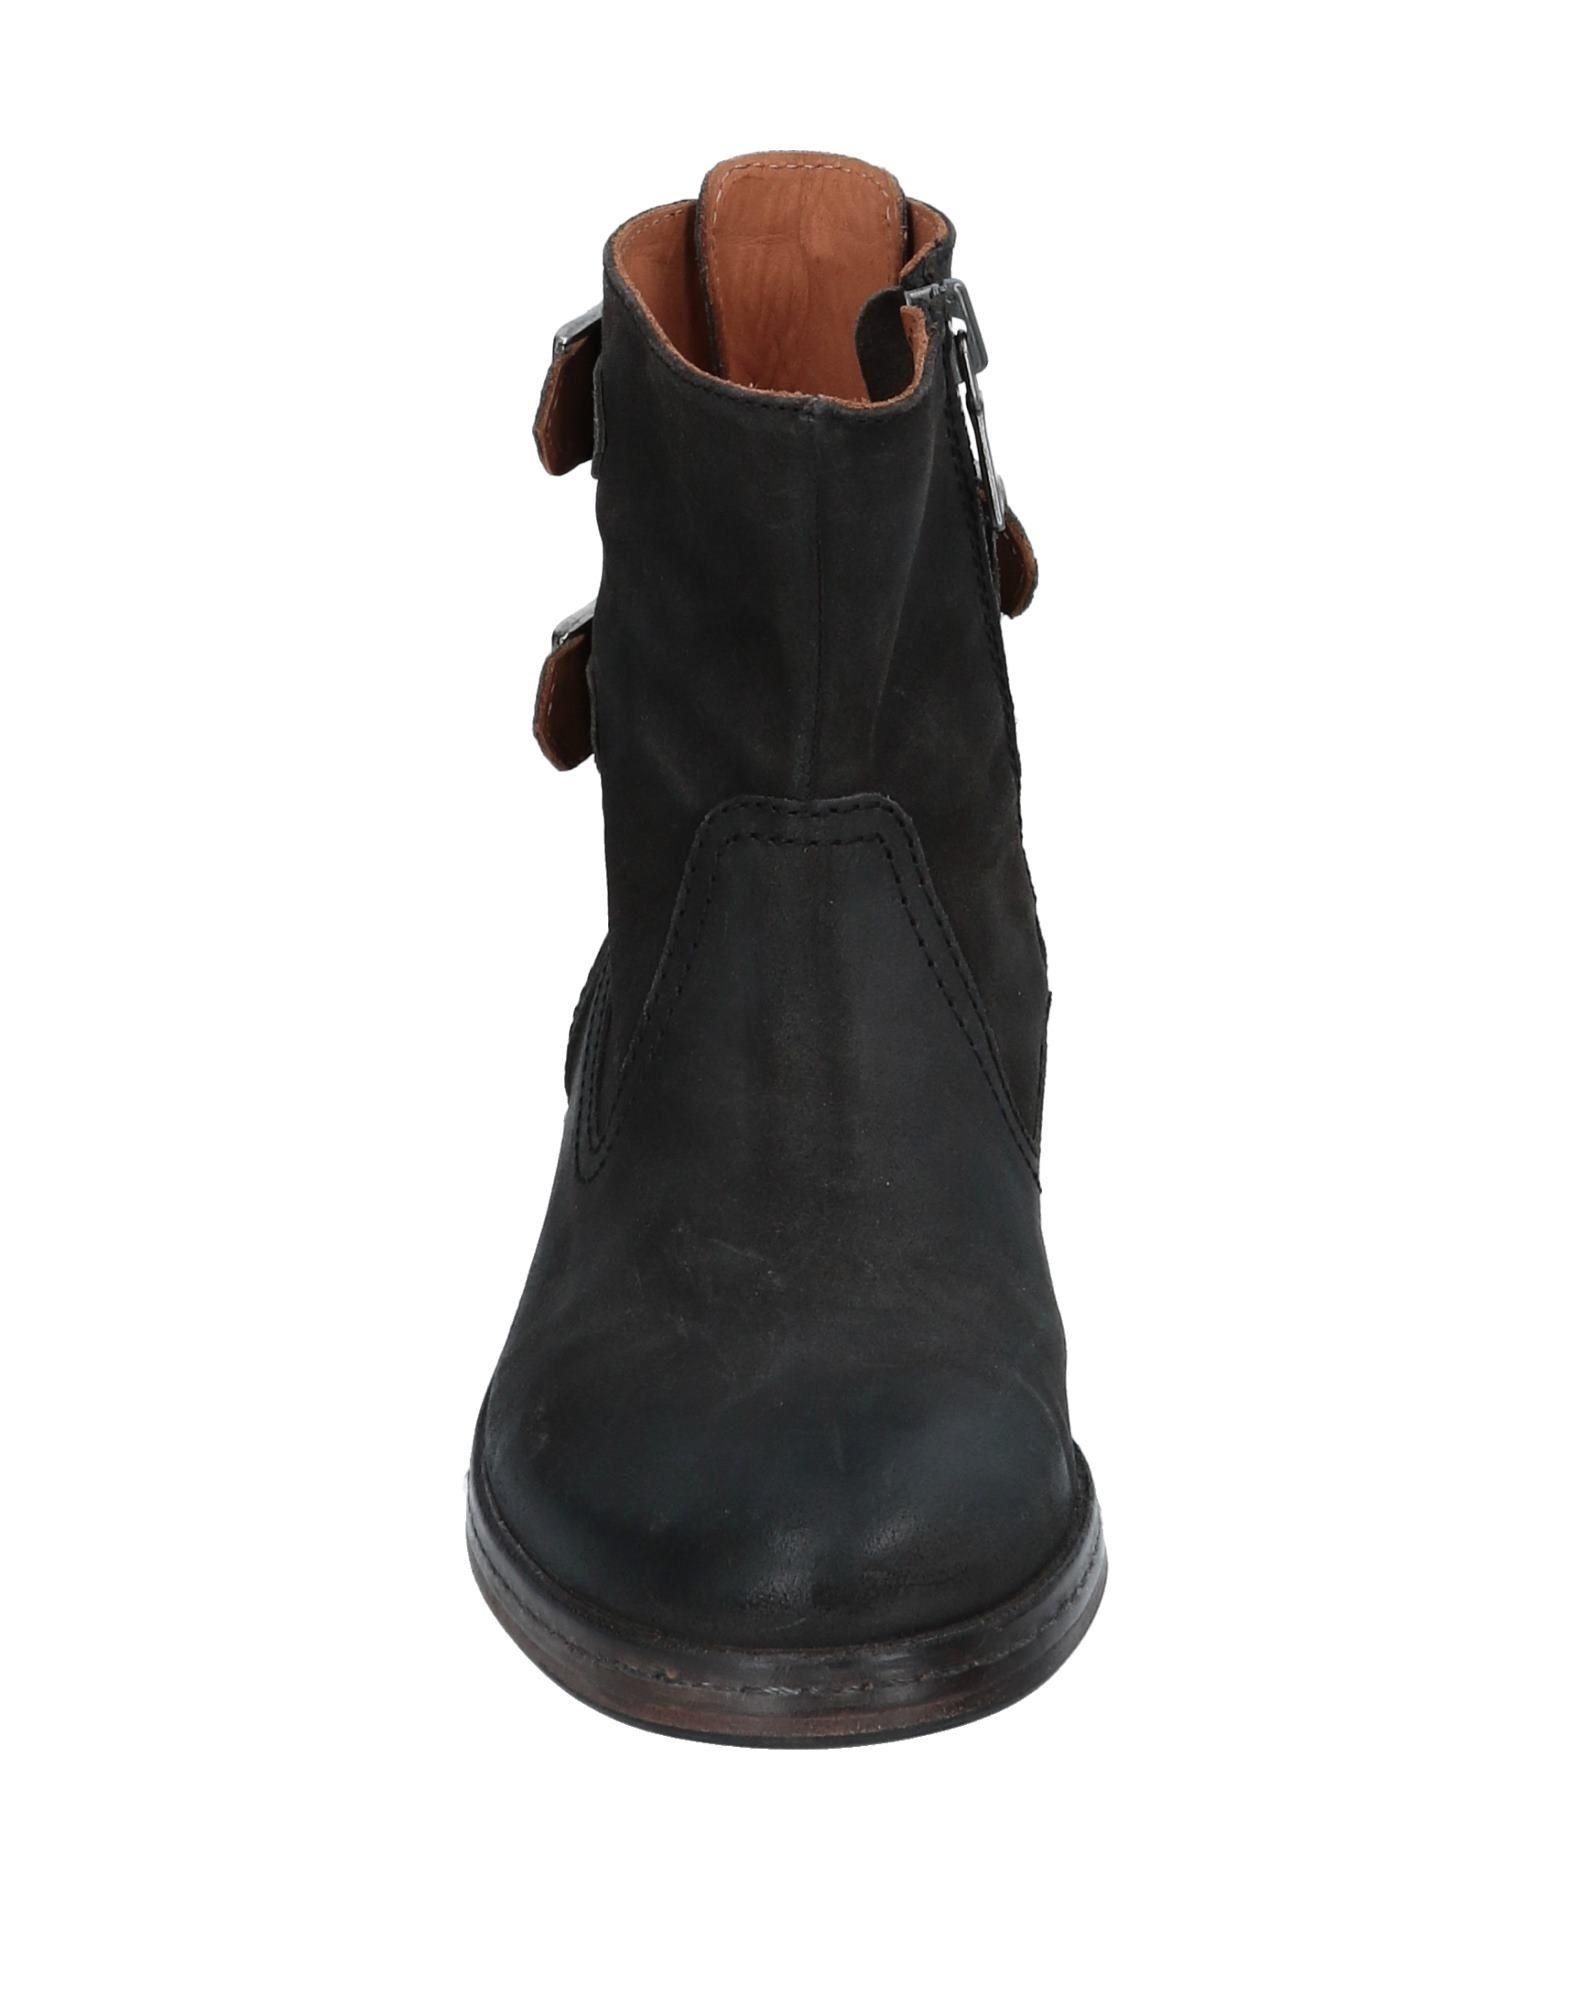 John Varvatos Stiefelette Herren  Schuhe 11535849AR Gute Qualität beliebte Schuhe  bfa0b7